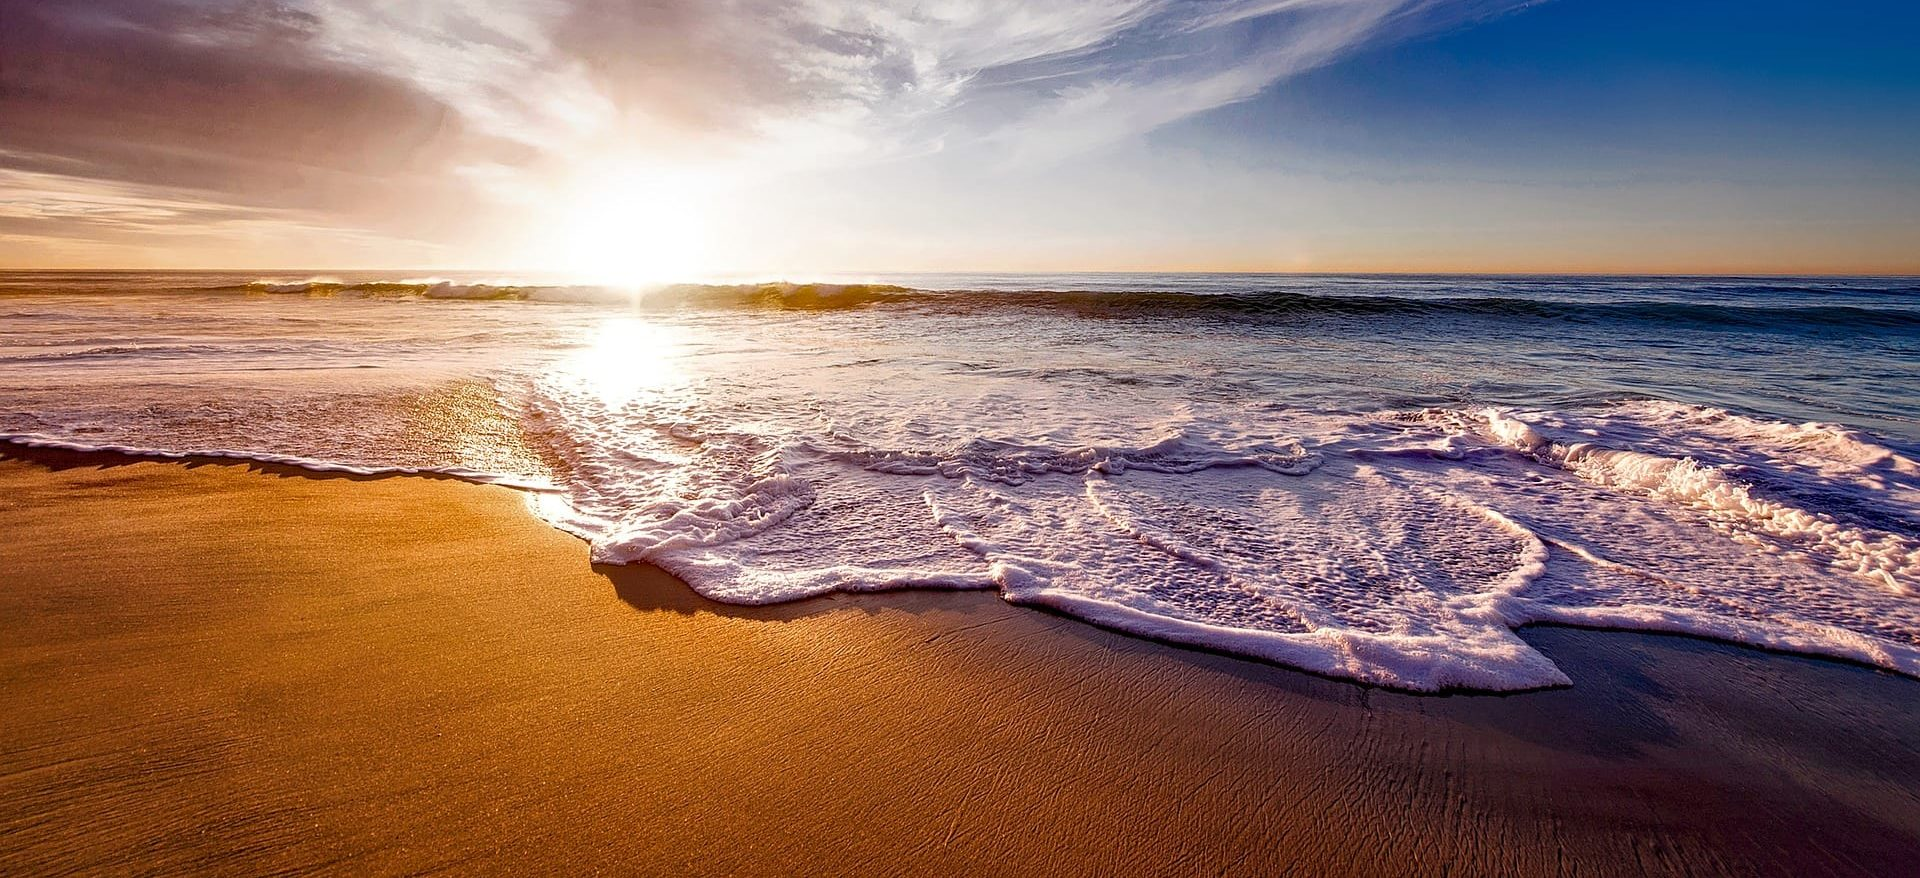 cali shore